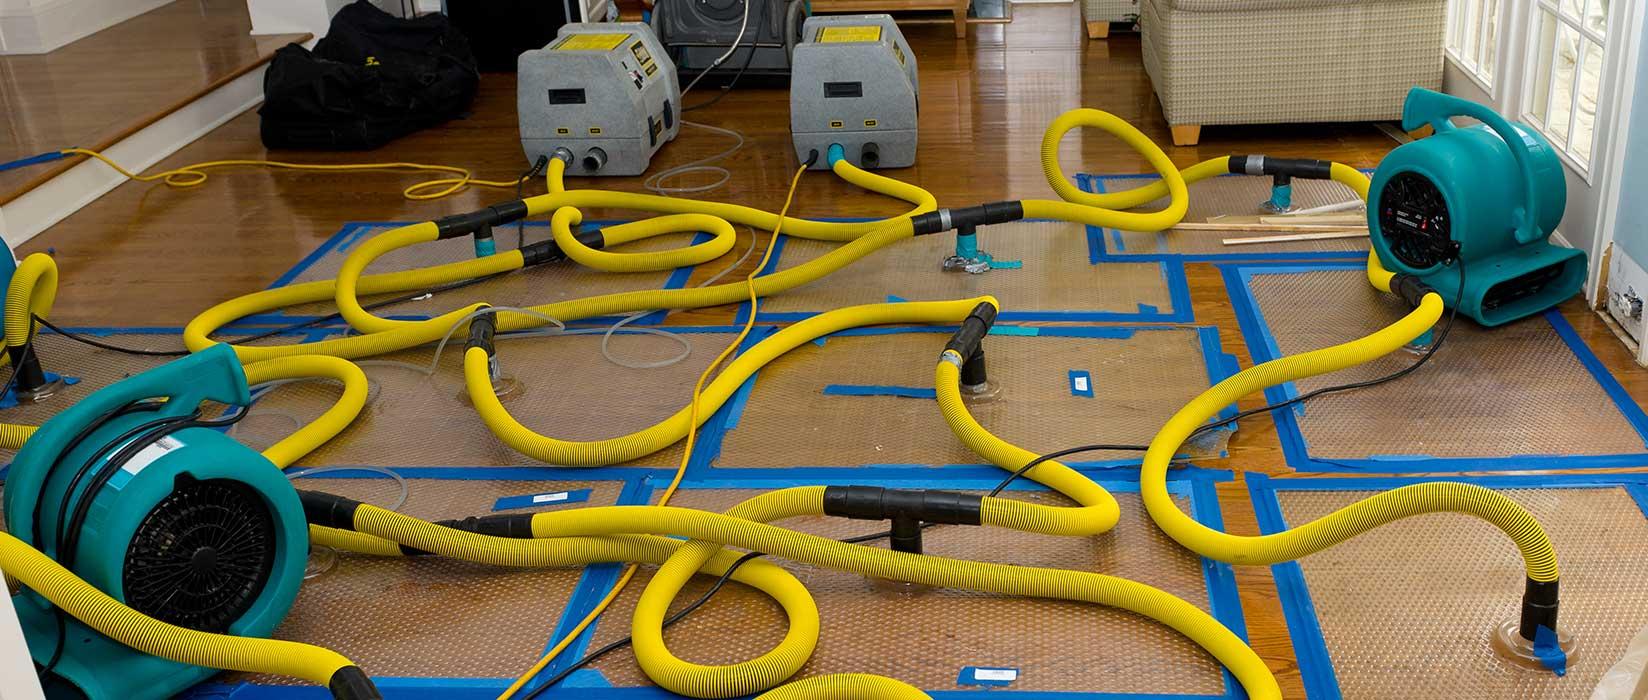 drying services ottawa ontario